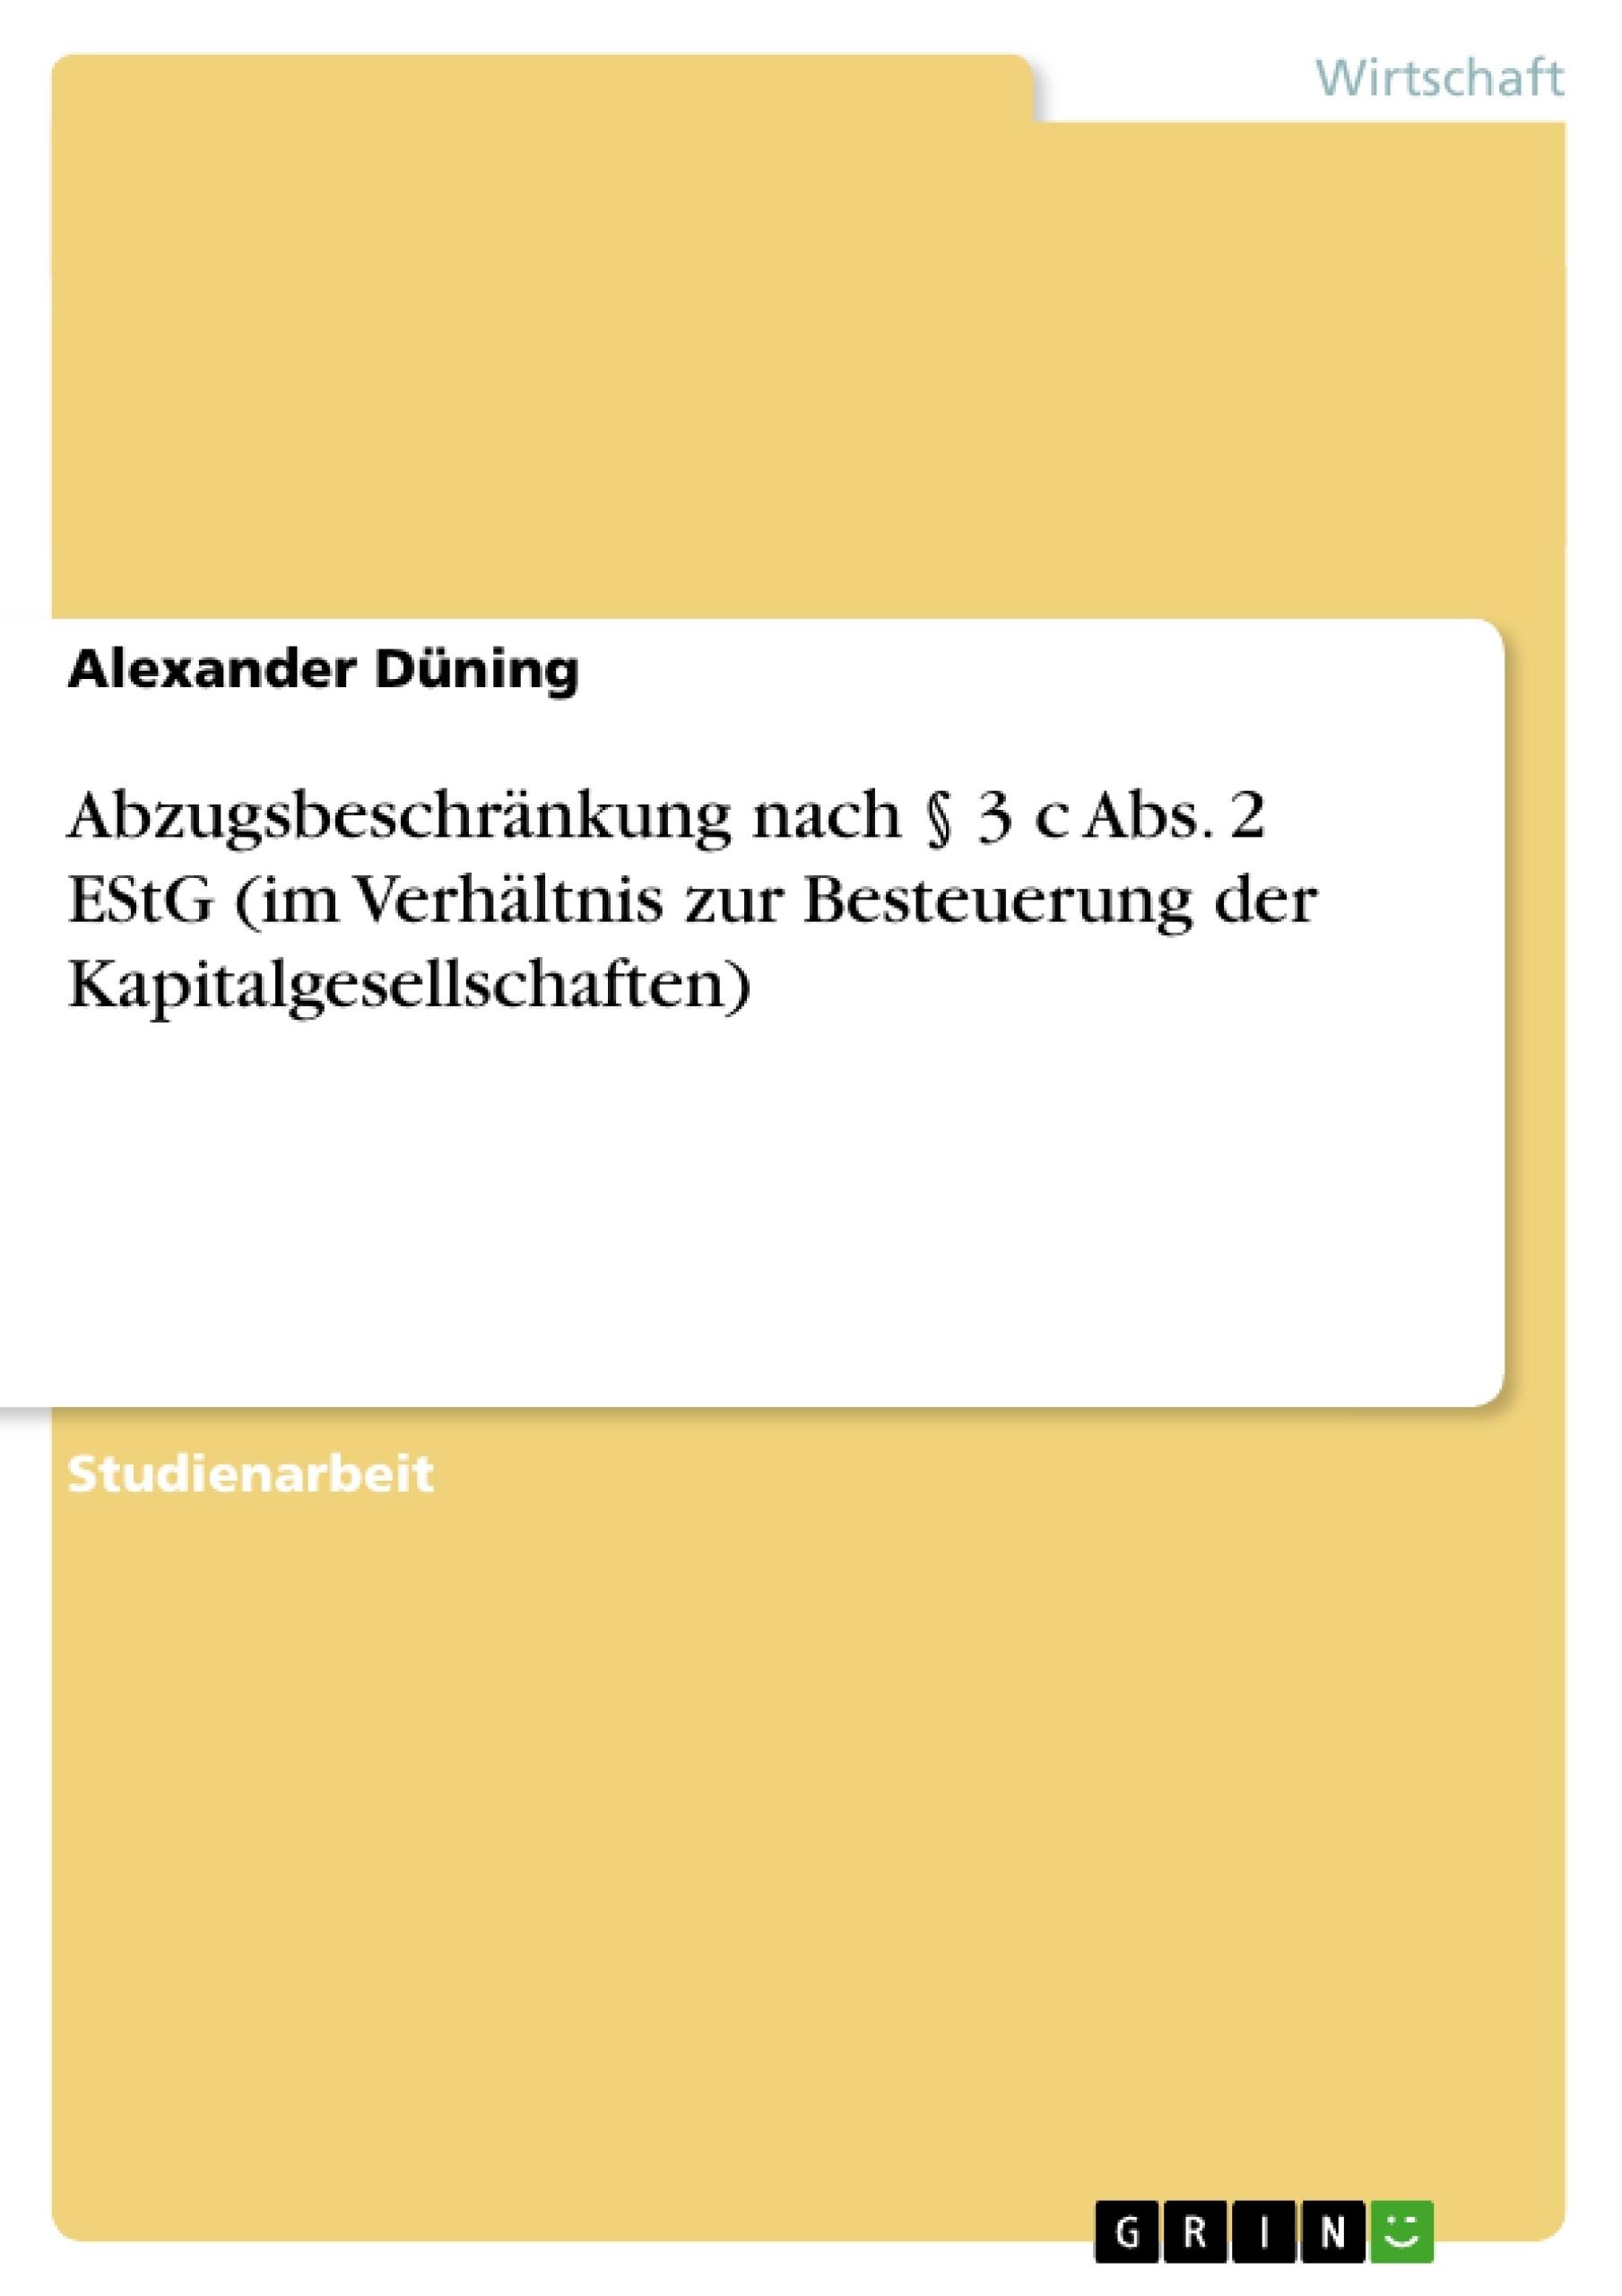 Titel: Abzugsbeschränkung nach § 3 c Abs. 2 EStG (im Verhältnis zur Besteuerung der Kapitalgesellschaften)